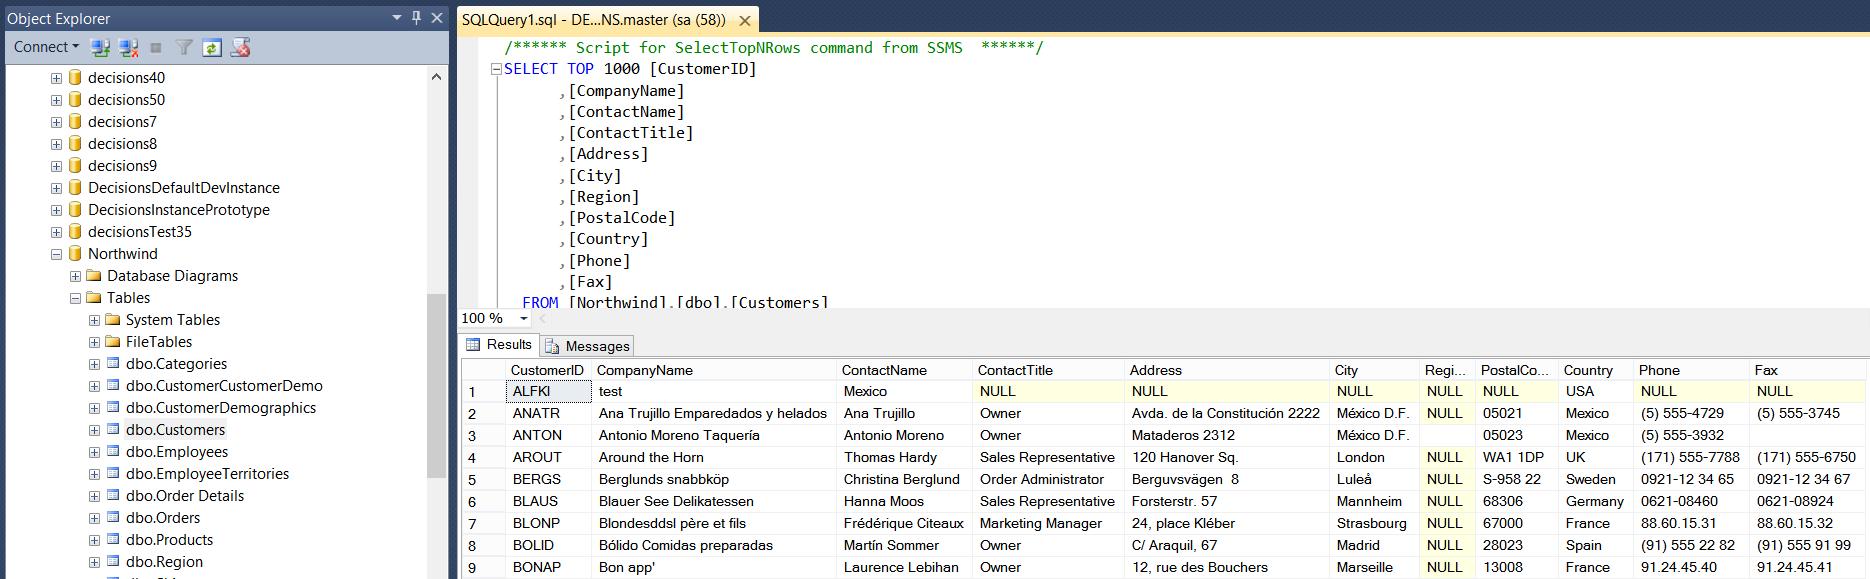 databaseViewSQL.png